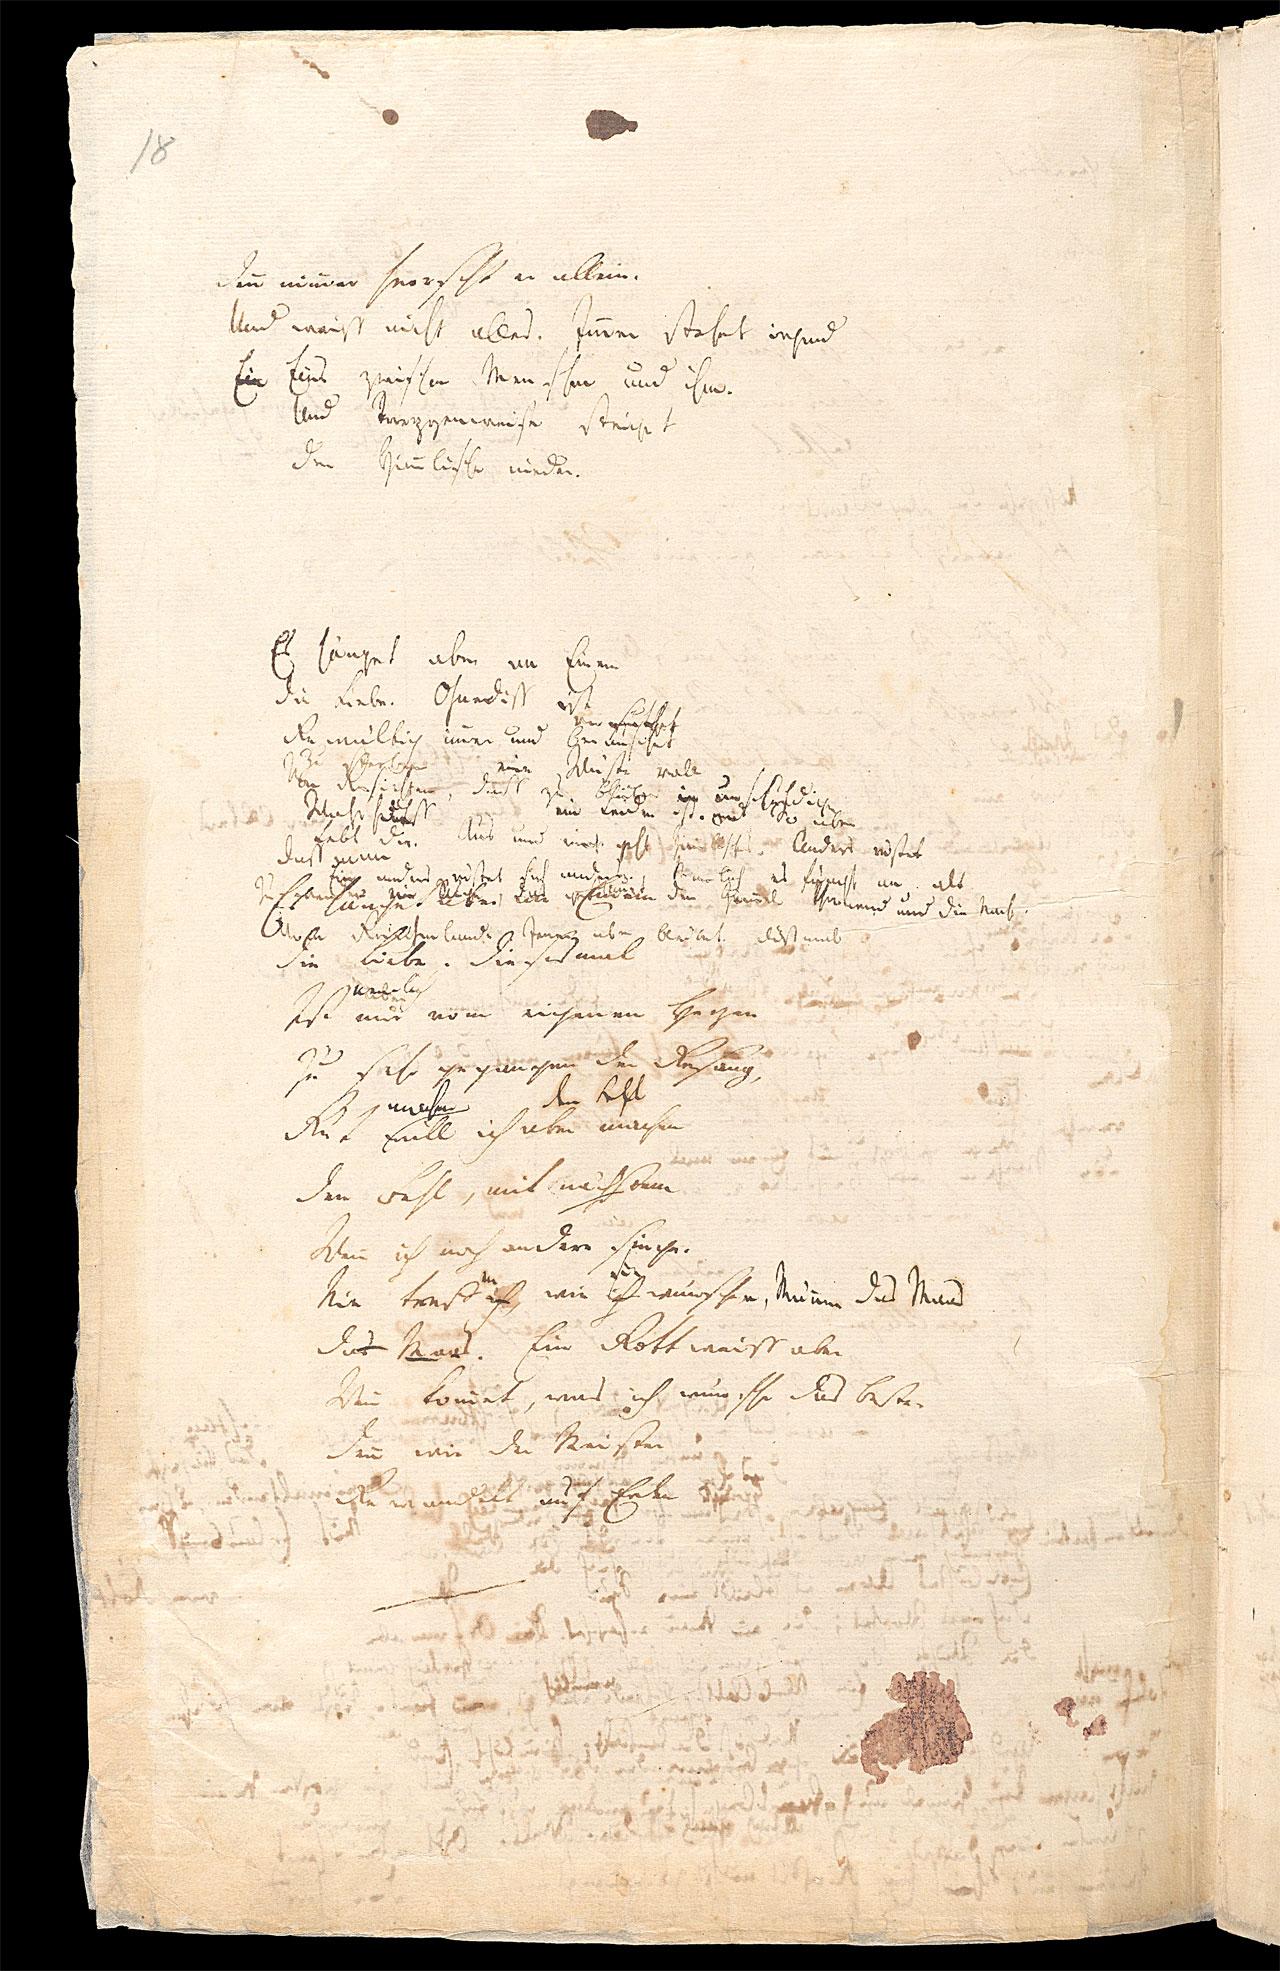 Friedrich Hölderlin, Homburger Folioheft, Seite 18, Der Einzige, Handschrift